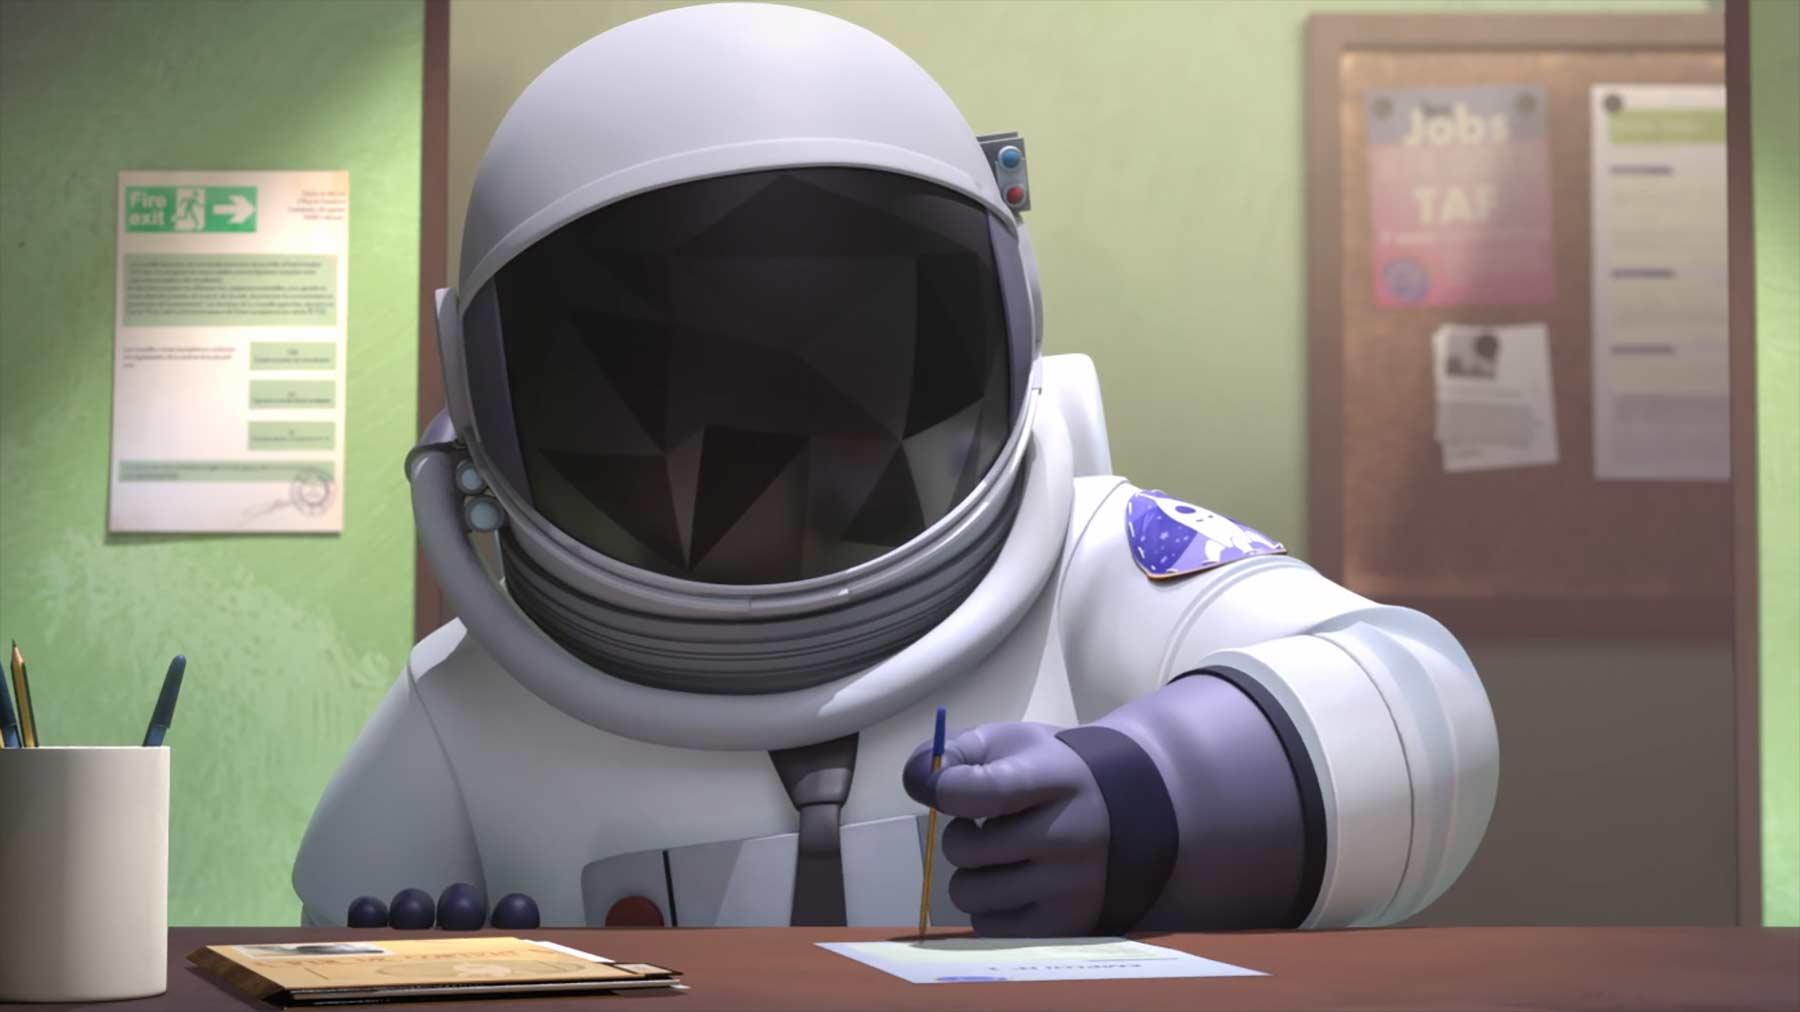 Ein Astronaut auf der Suche nach irdischer Schwerelosigkeit